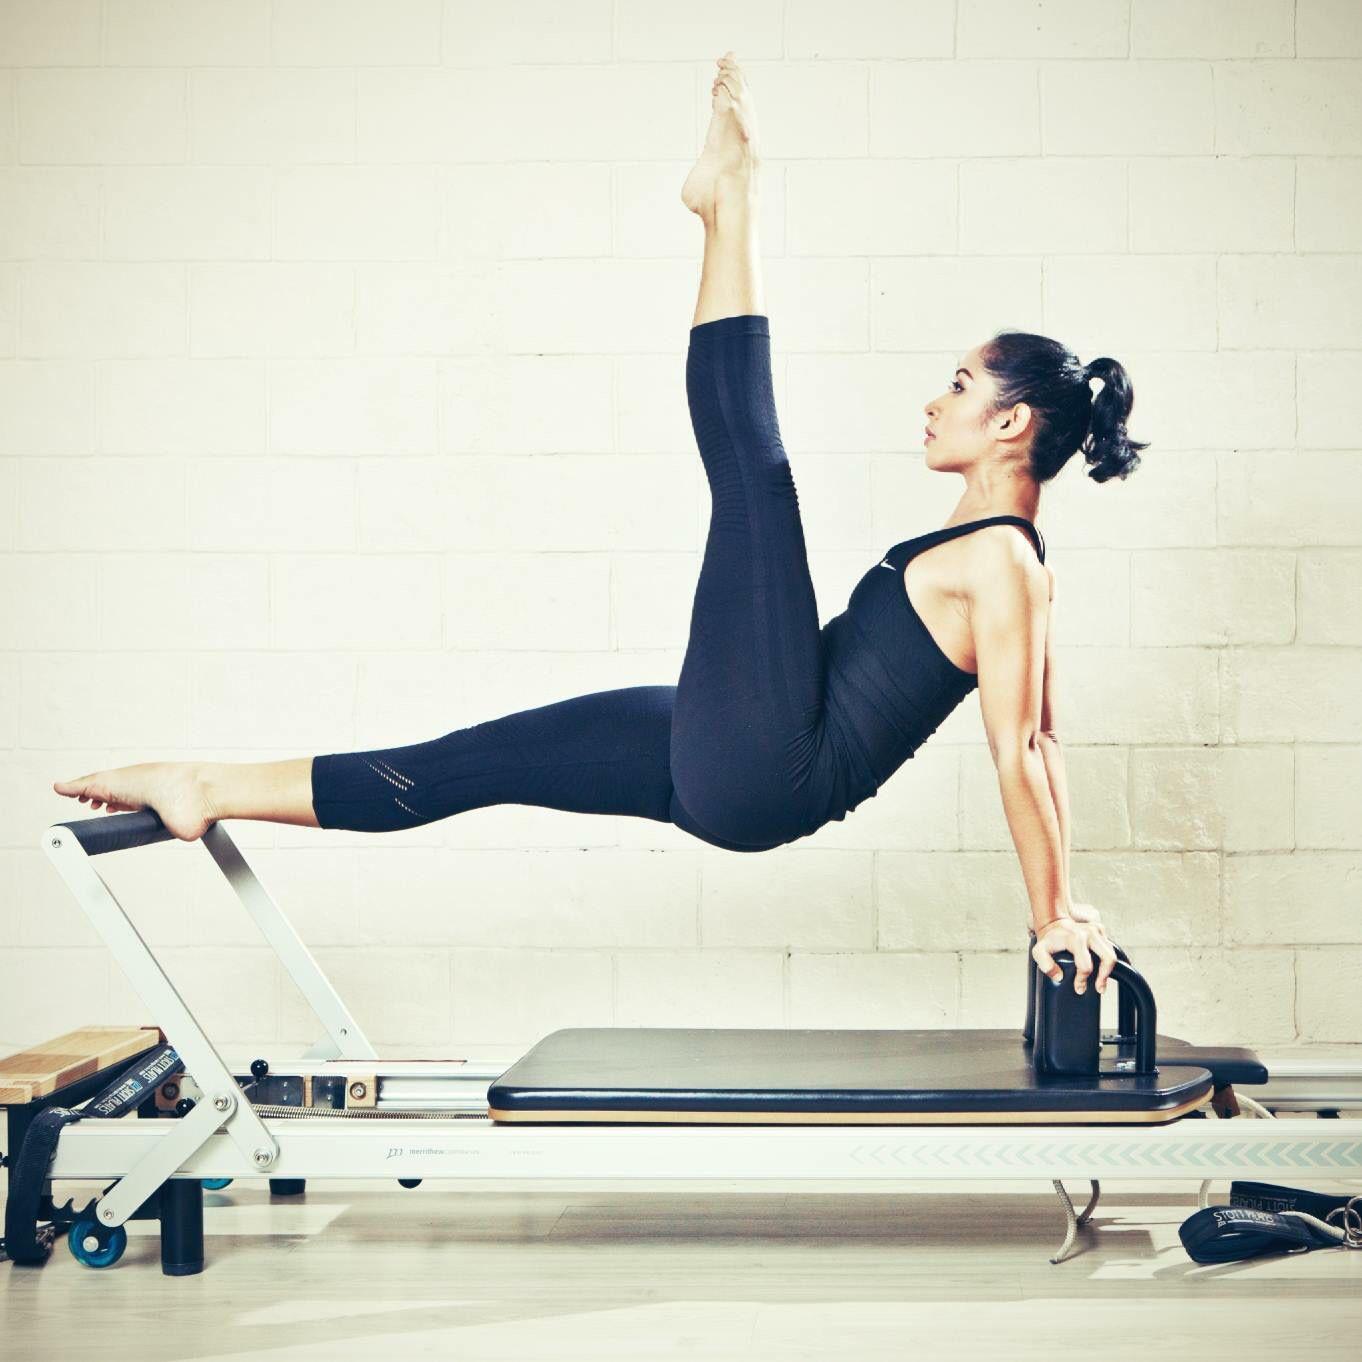 Κύρια φωτογραφία για το άρθρο: Pilates Reformer, η ιδανική άσκηση! 5 Λόγοι να ξεκινήσετε το συντομότερο!